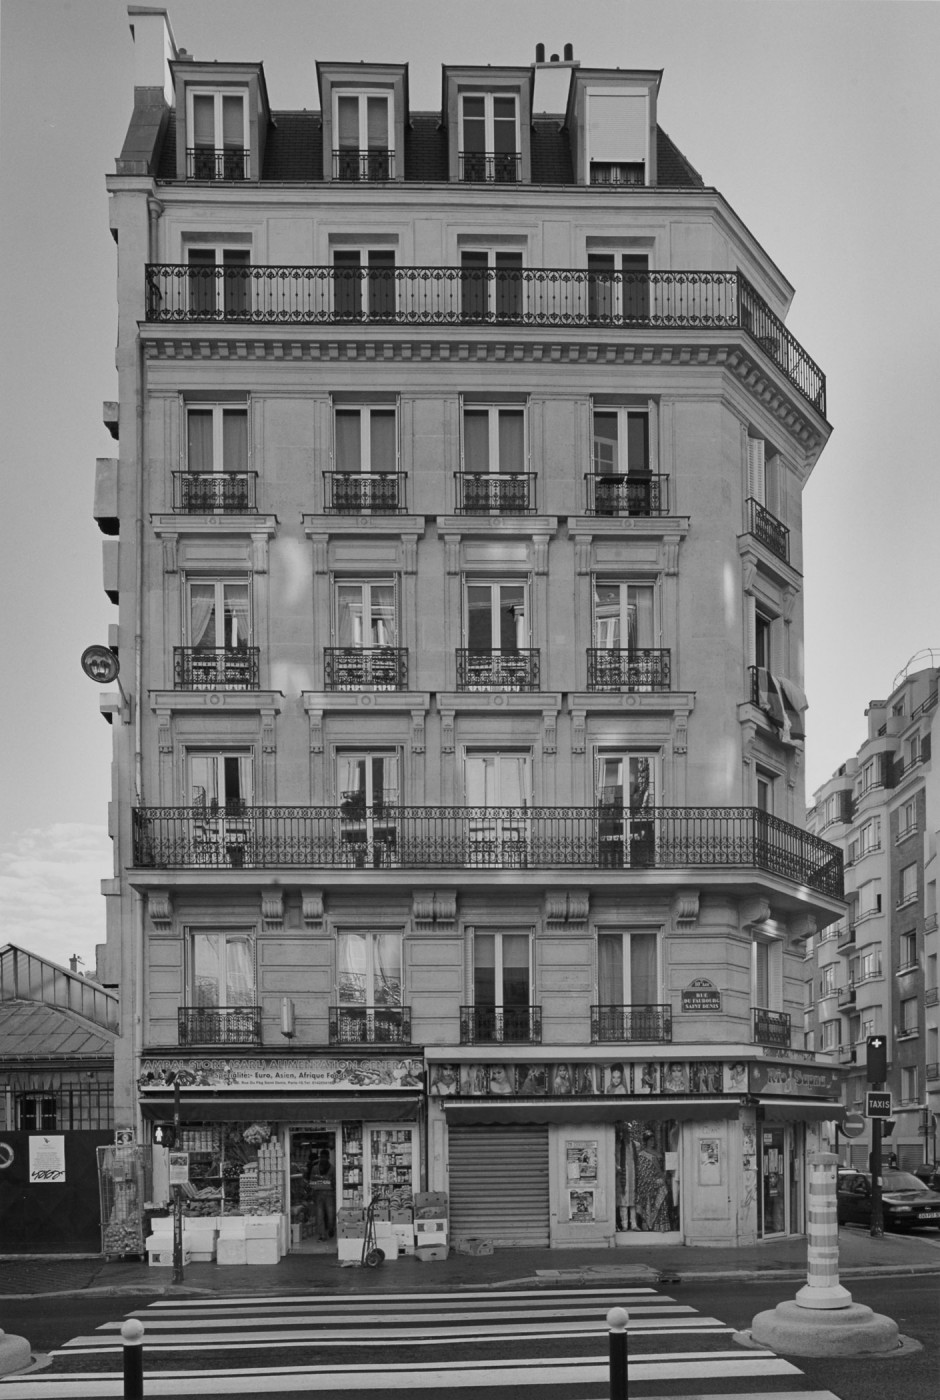 Peter MacCallum, </span><span><em>Rue du Faubourg Saint Denis: Façade of No. 192, Corner of Rue Demarquay</em>, </span><span>2010